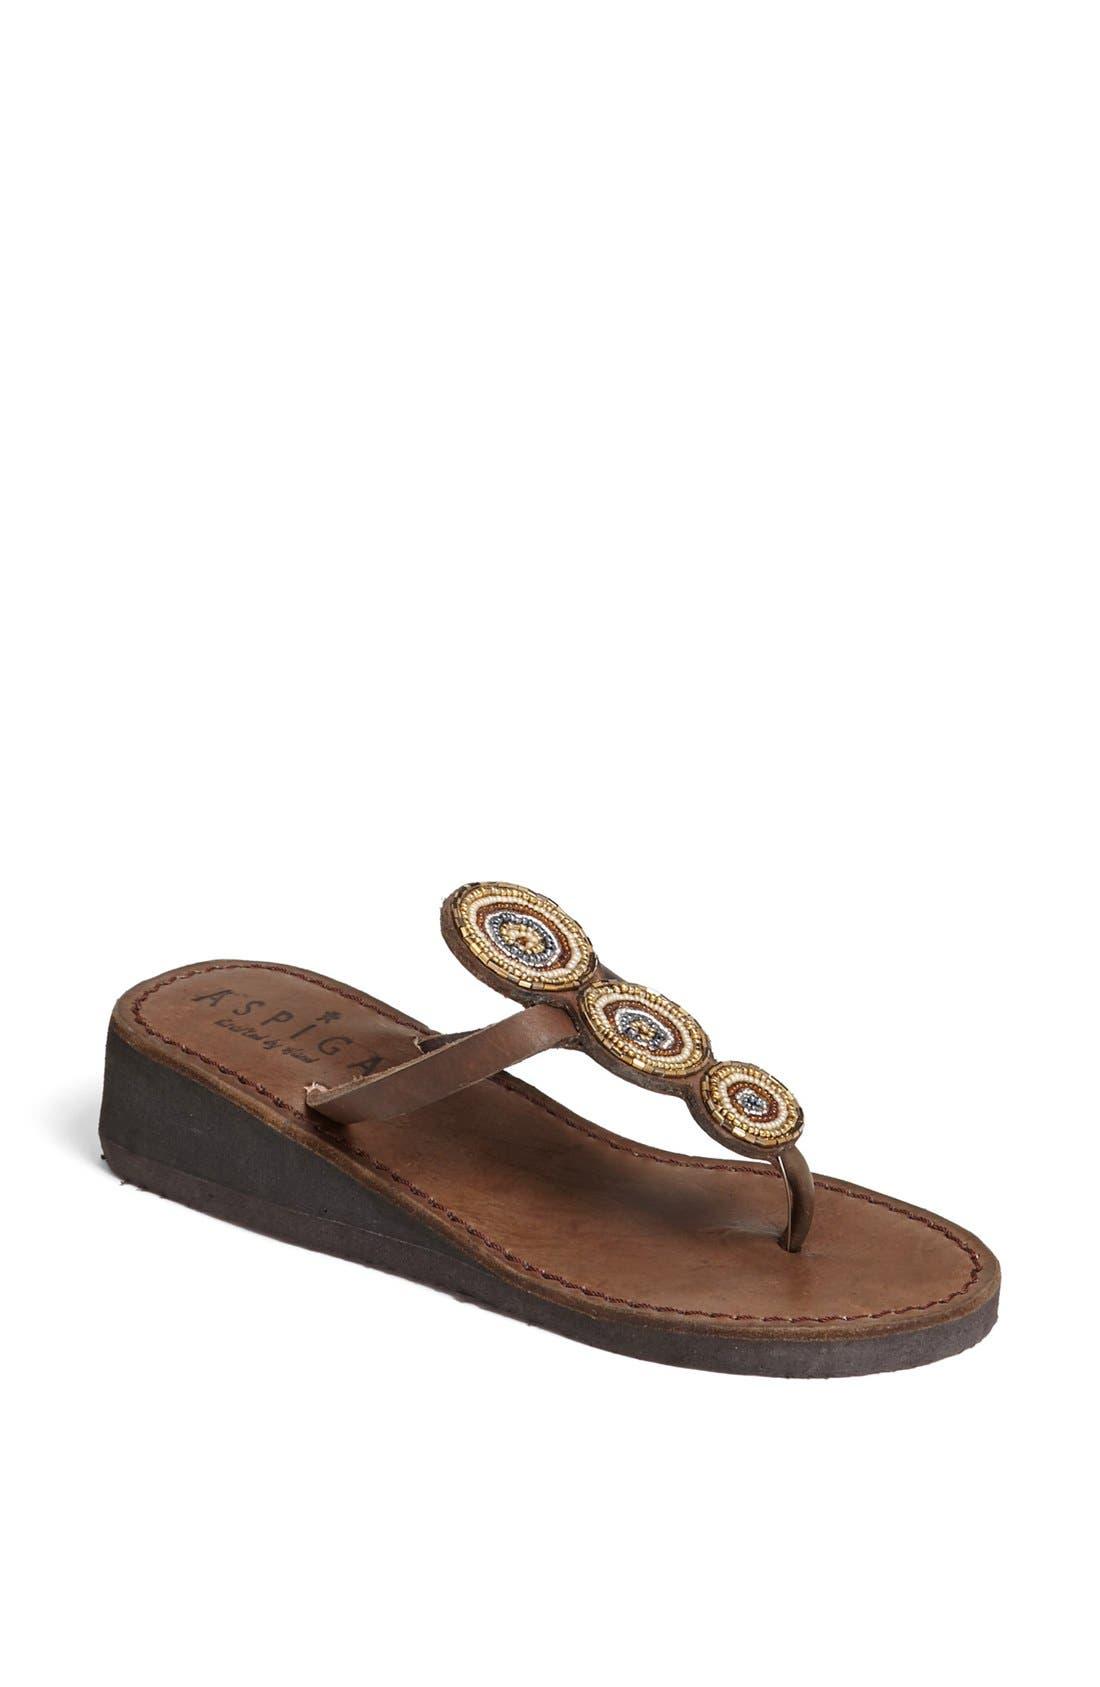 Alternate Image 1 Selected - Aspiga 'Neema' Sandal